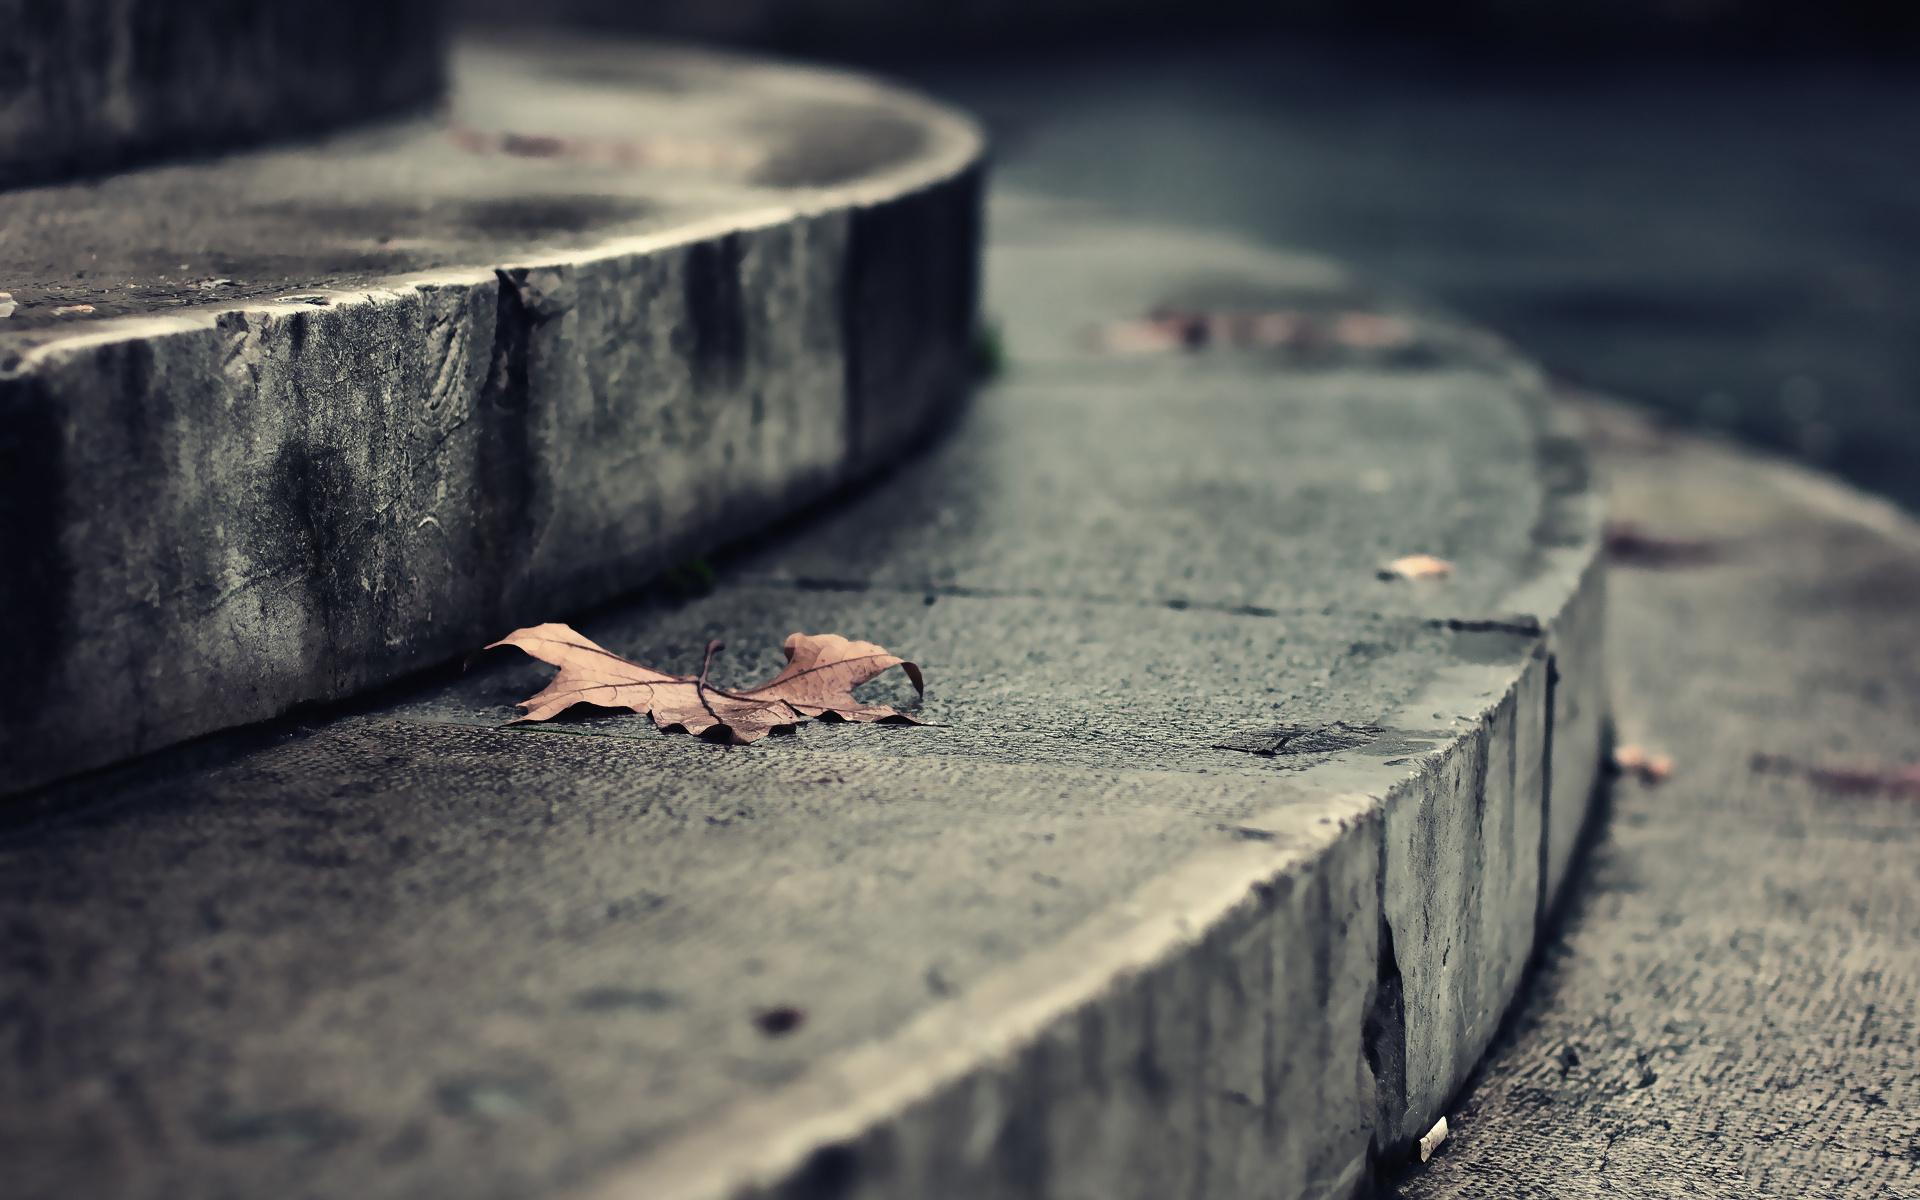 настроение, романтика, макро, листья, осень, осенние обои, ступеньки, лестница, улица, улицы, парк, здание, здания, земля, пол